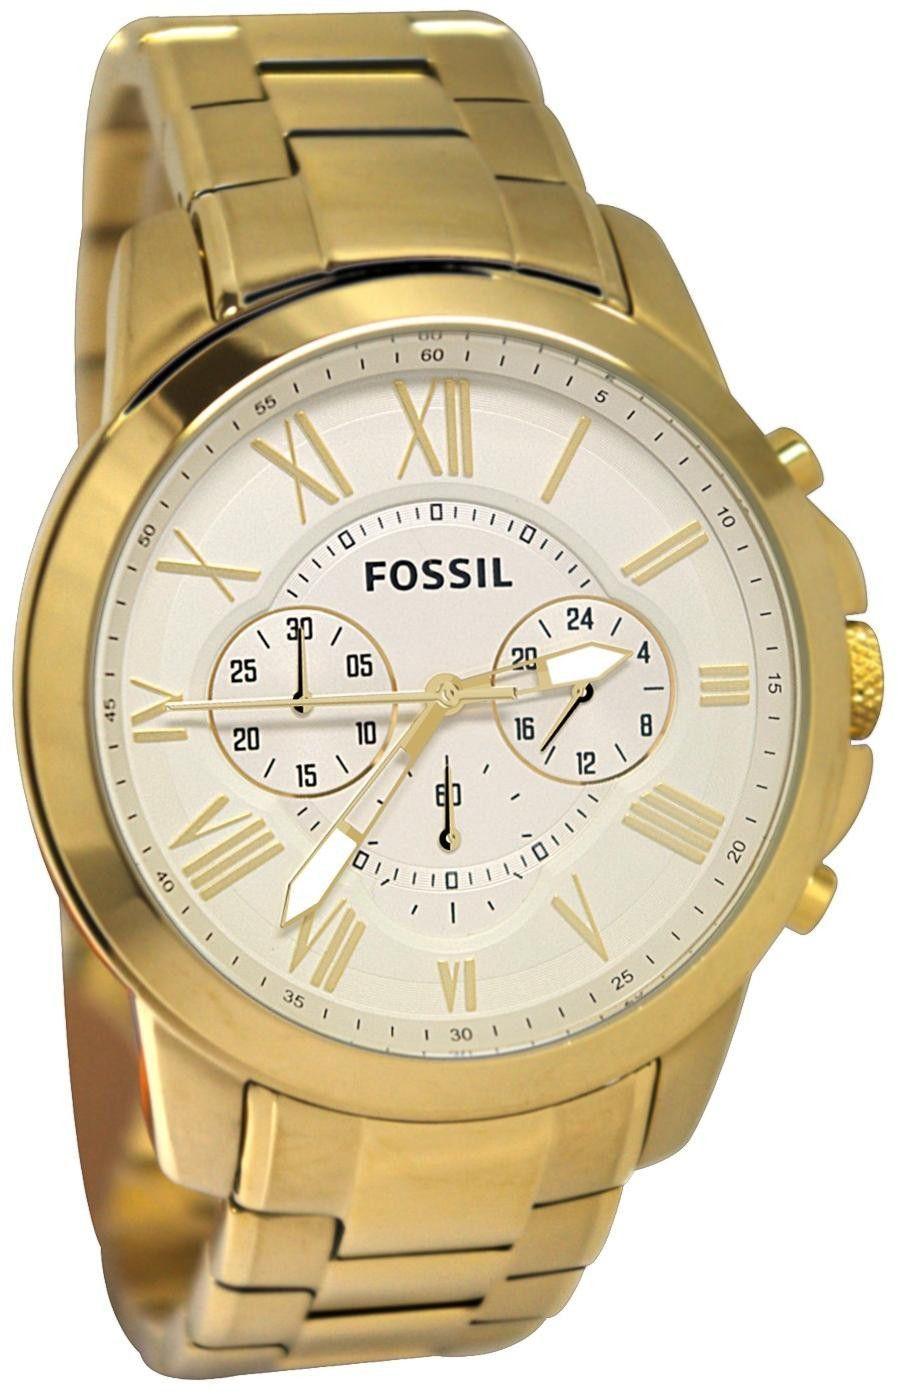 fs4814 fossil